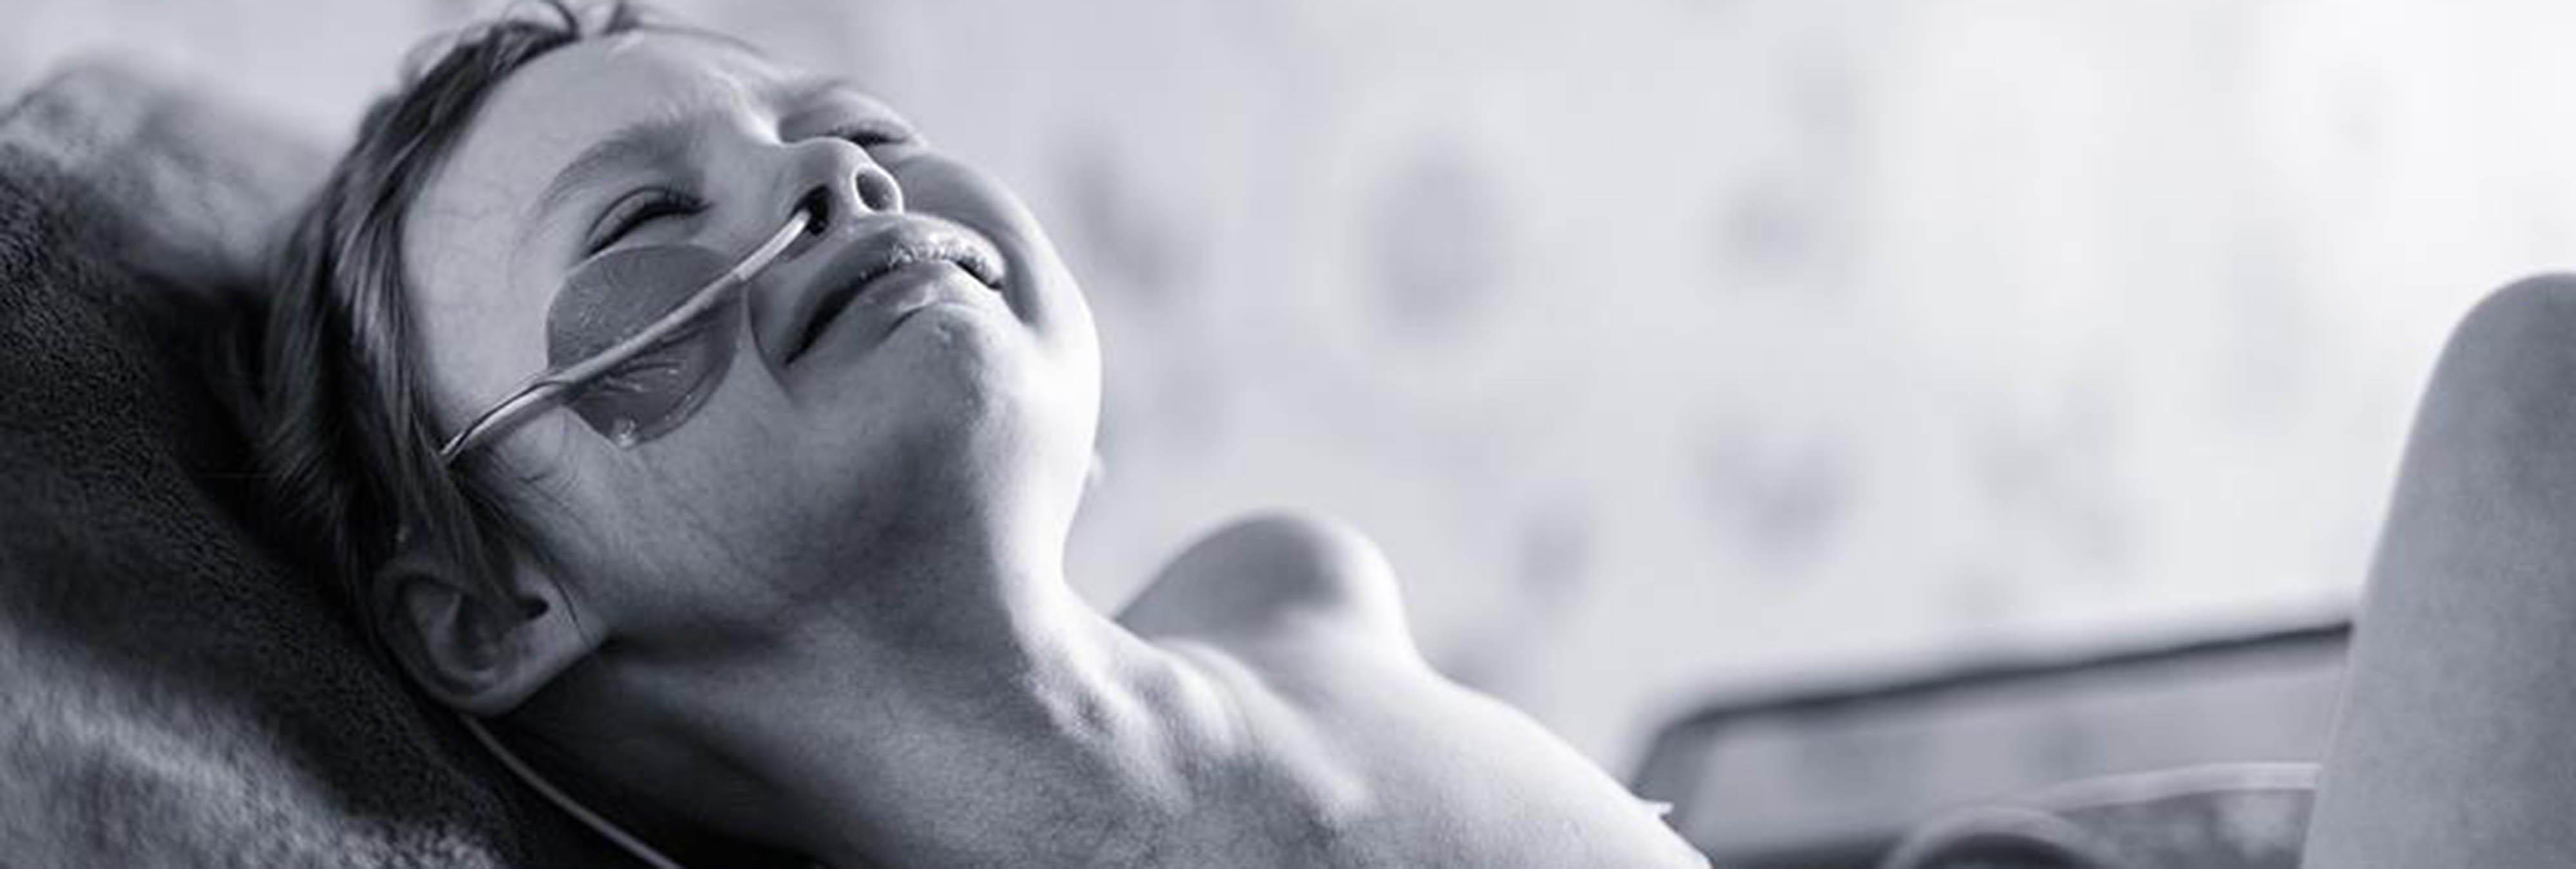 El lado más descorazonador del cáncer infantil retratado en una fotografía